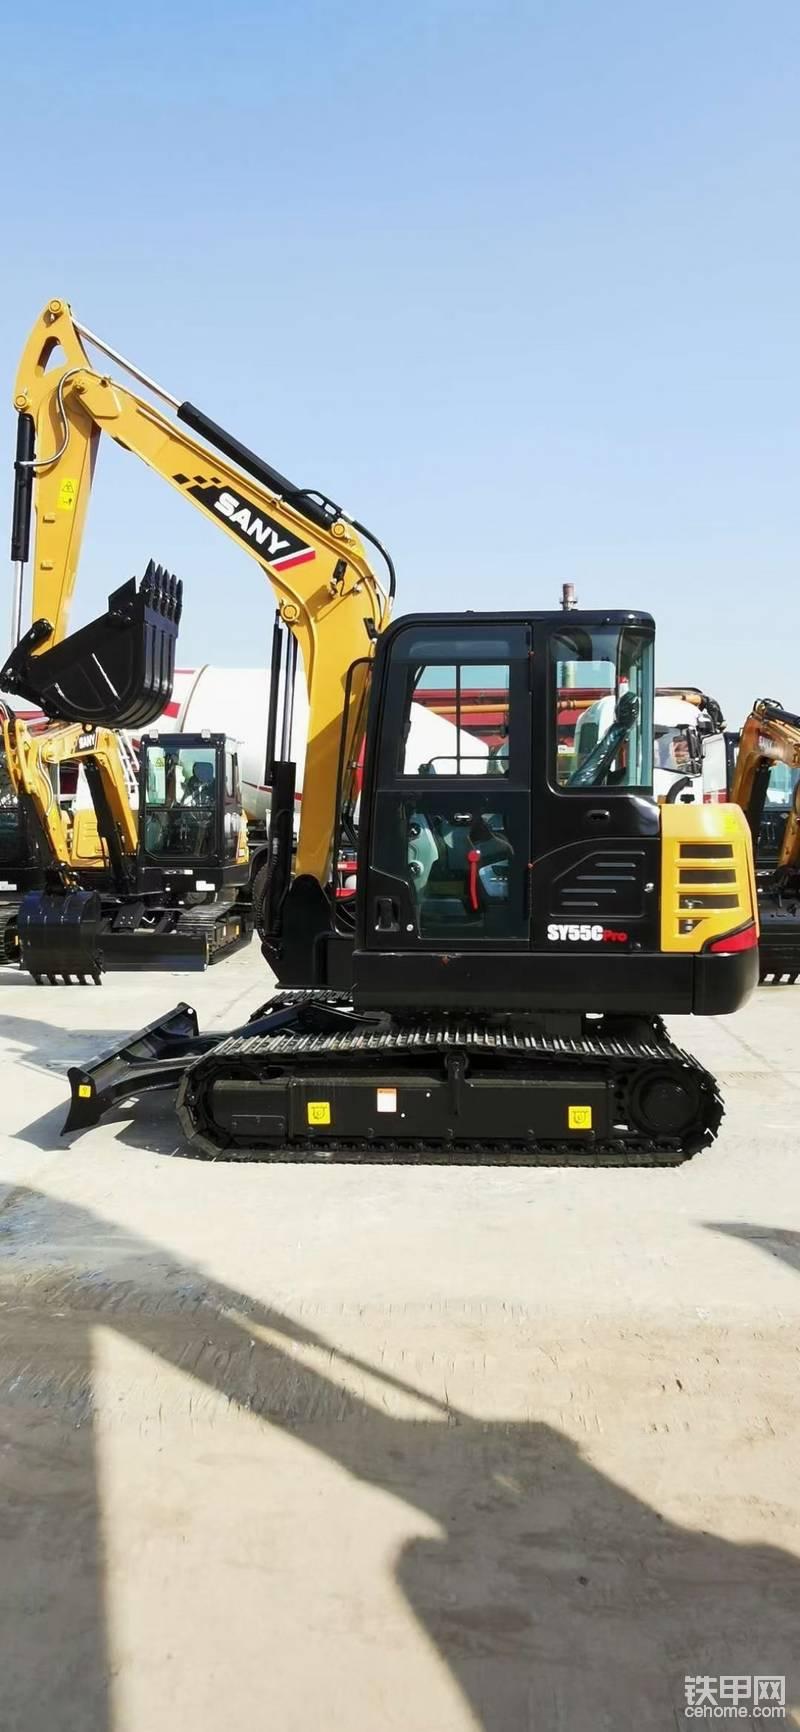 【买车记】喜提新款三一SY55C pro挖掘机-帖子图片